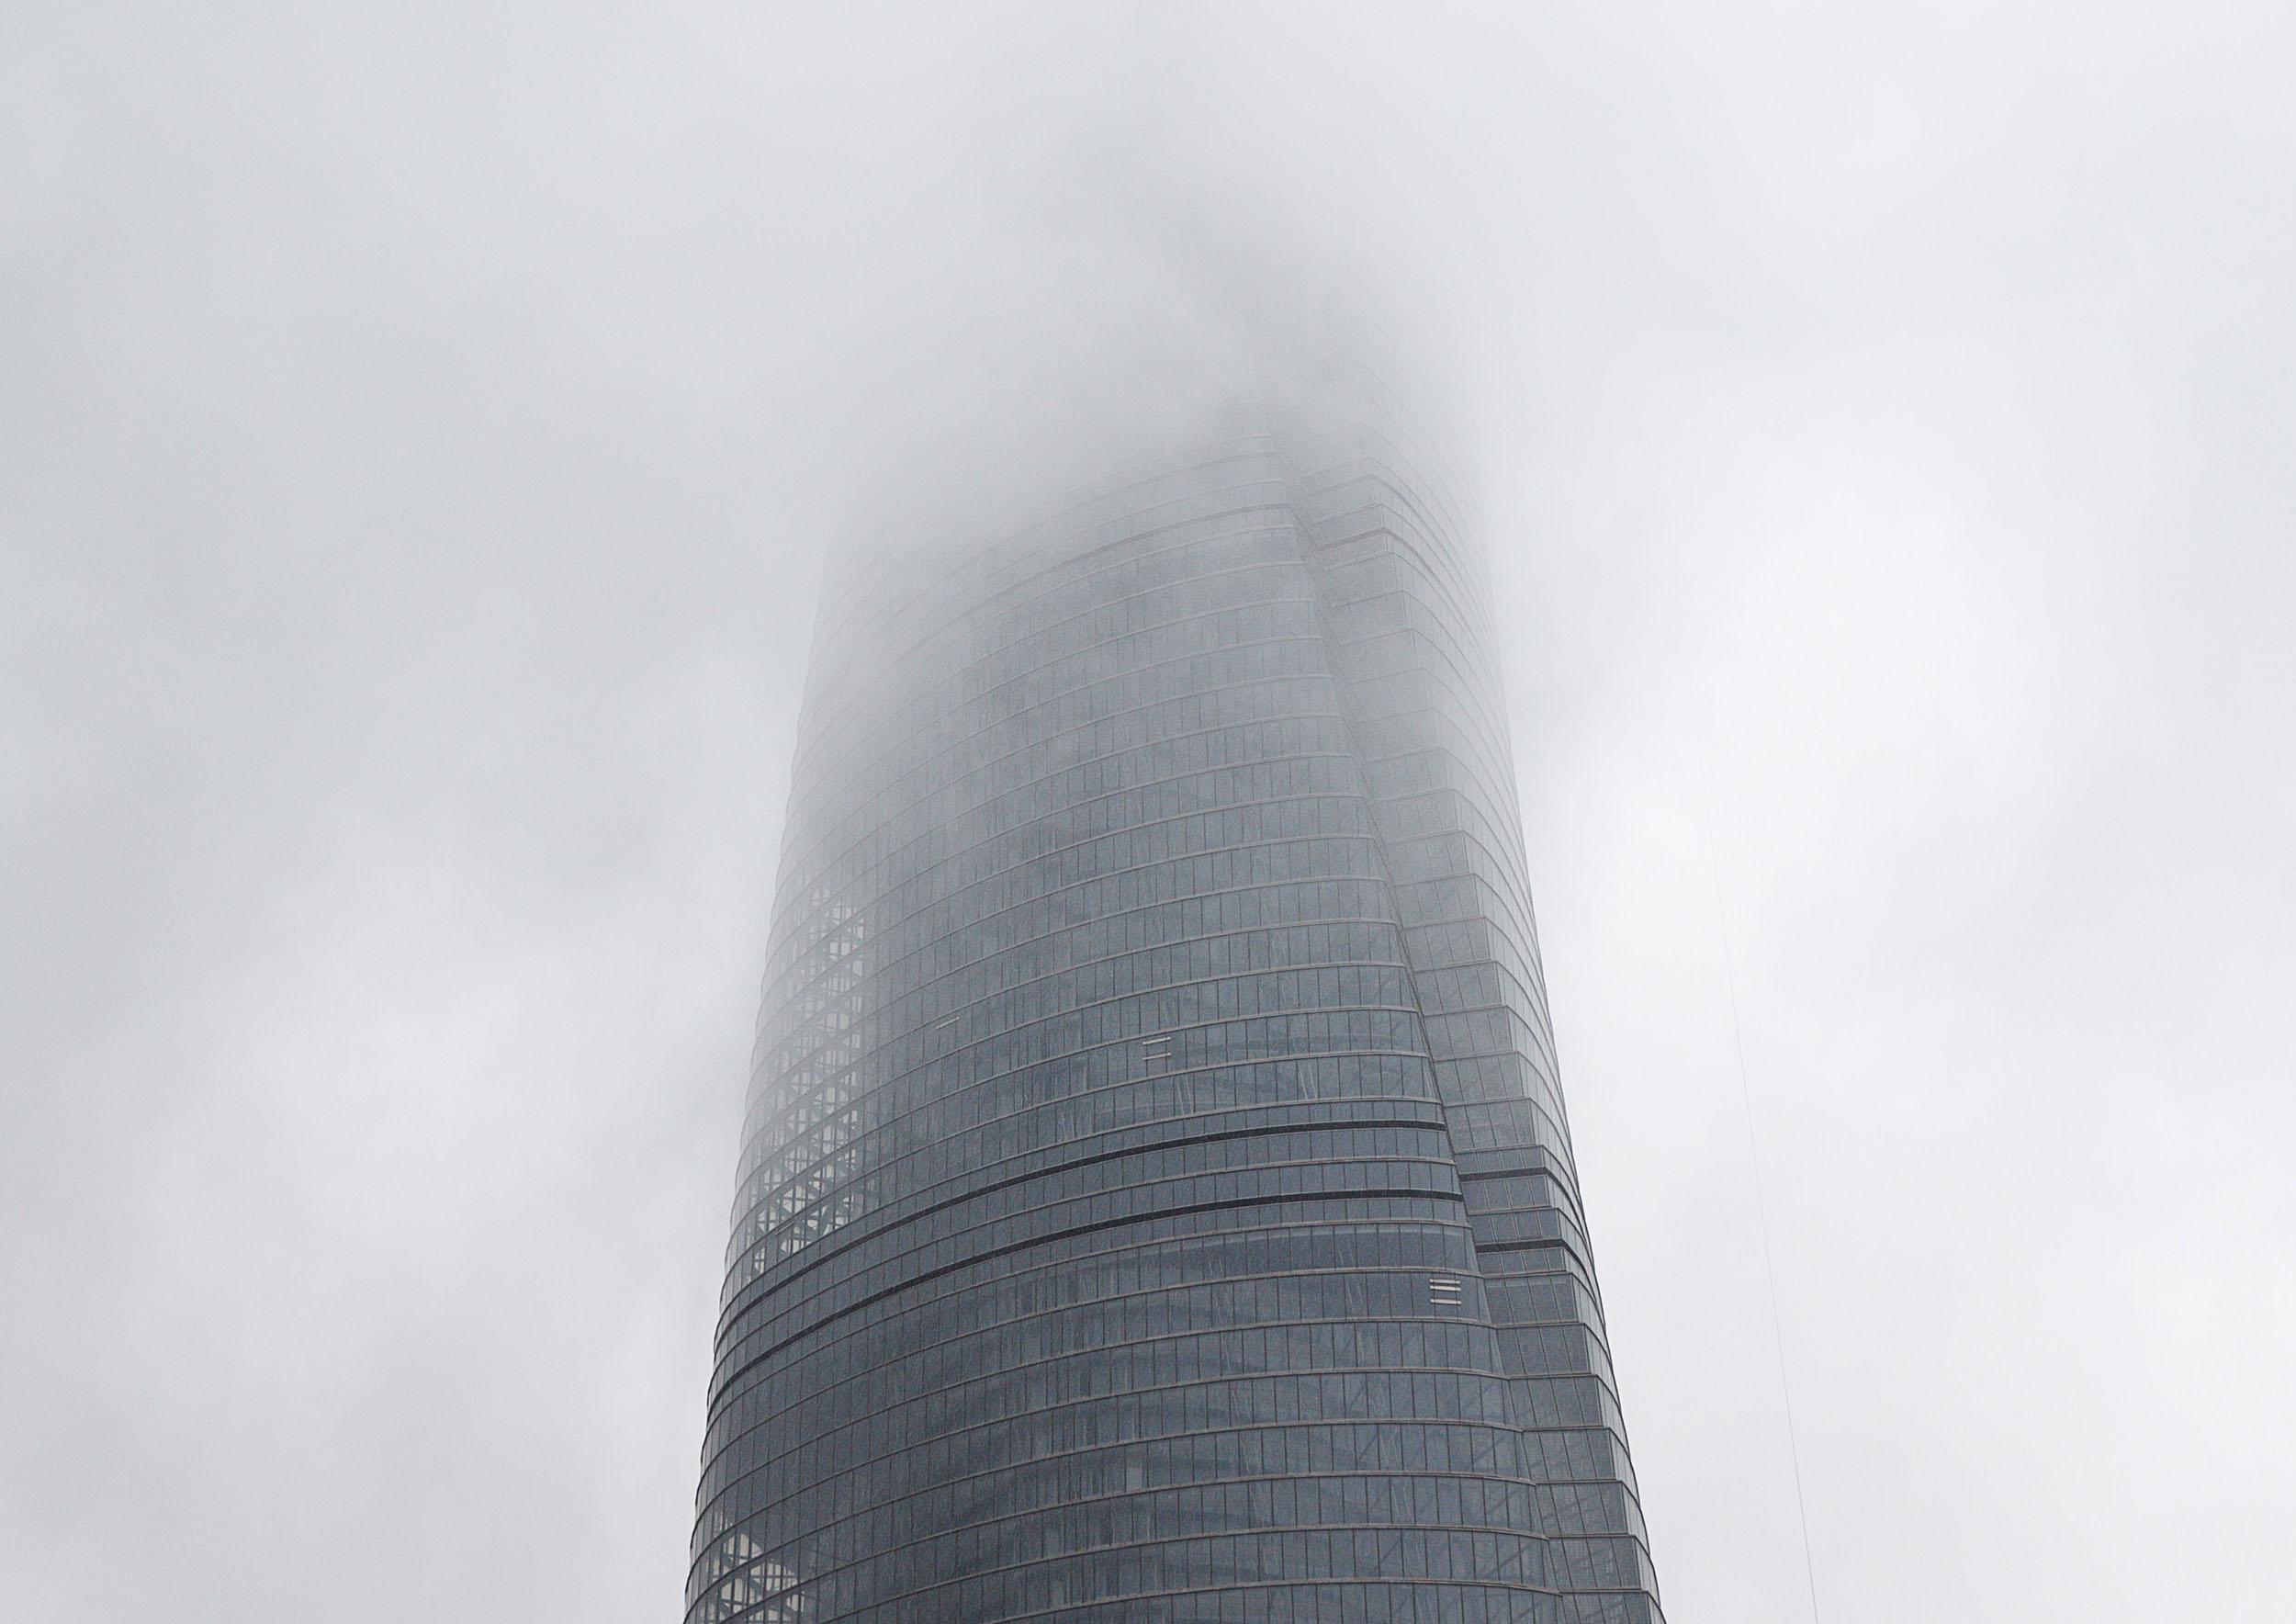 Shanghai Tower for web1.jpg